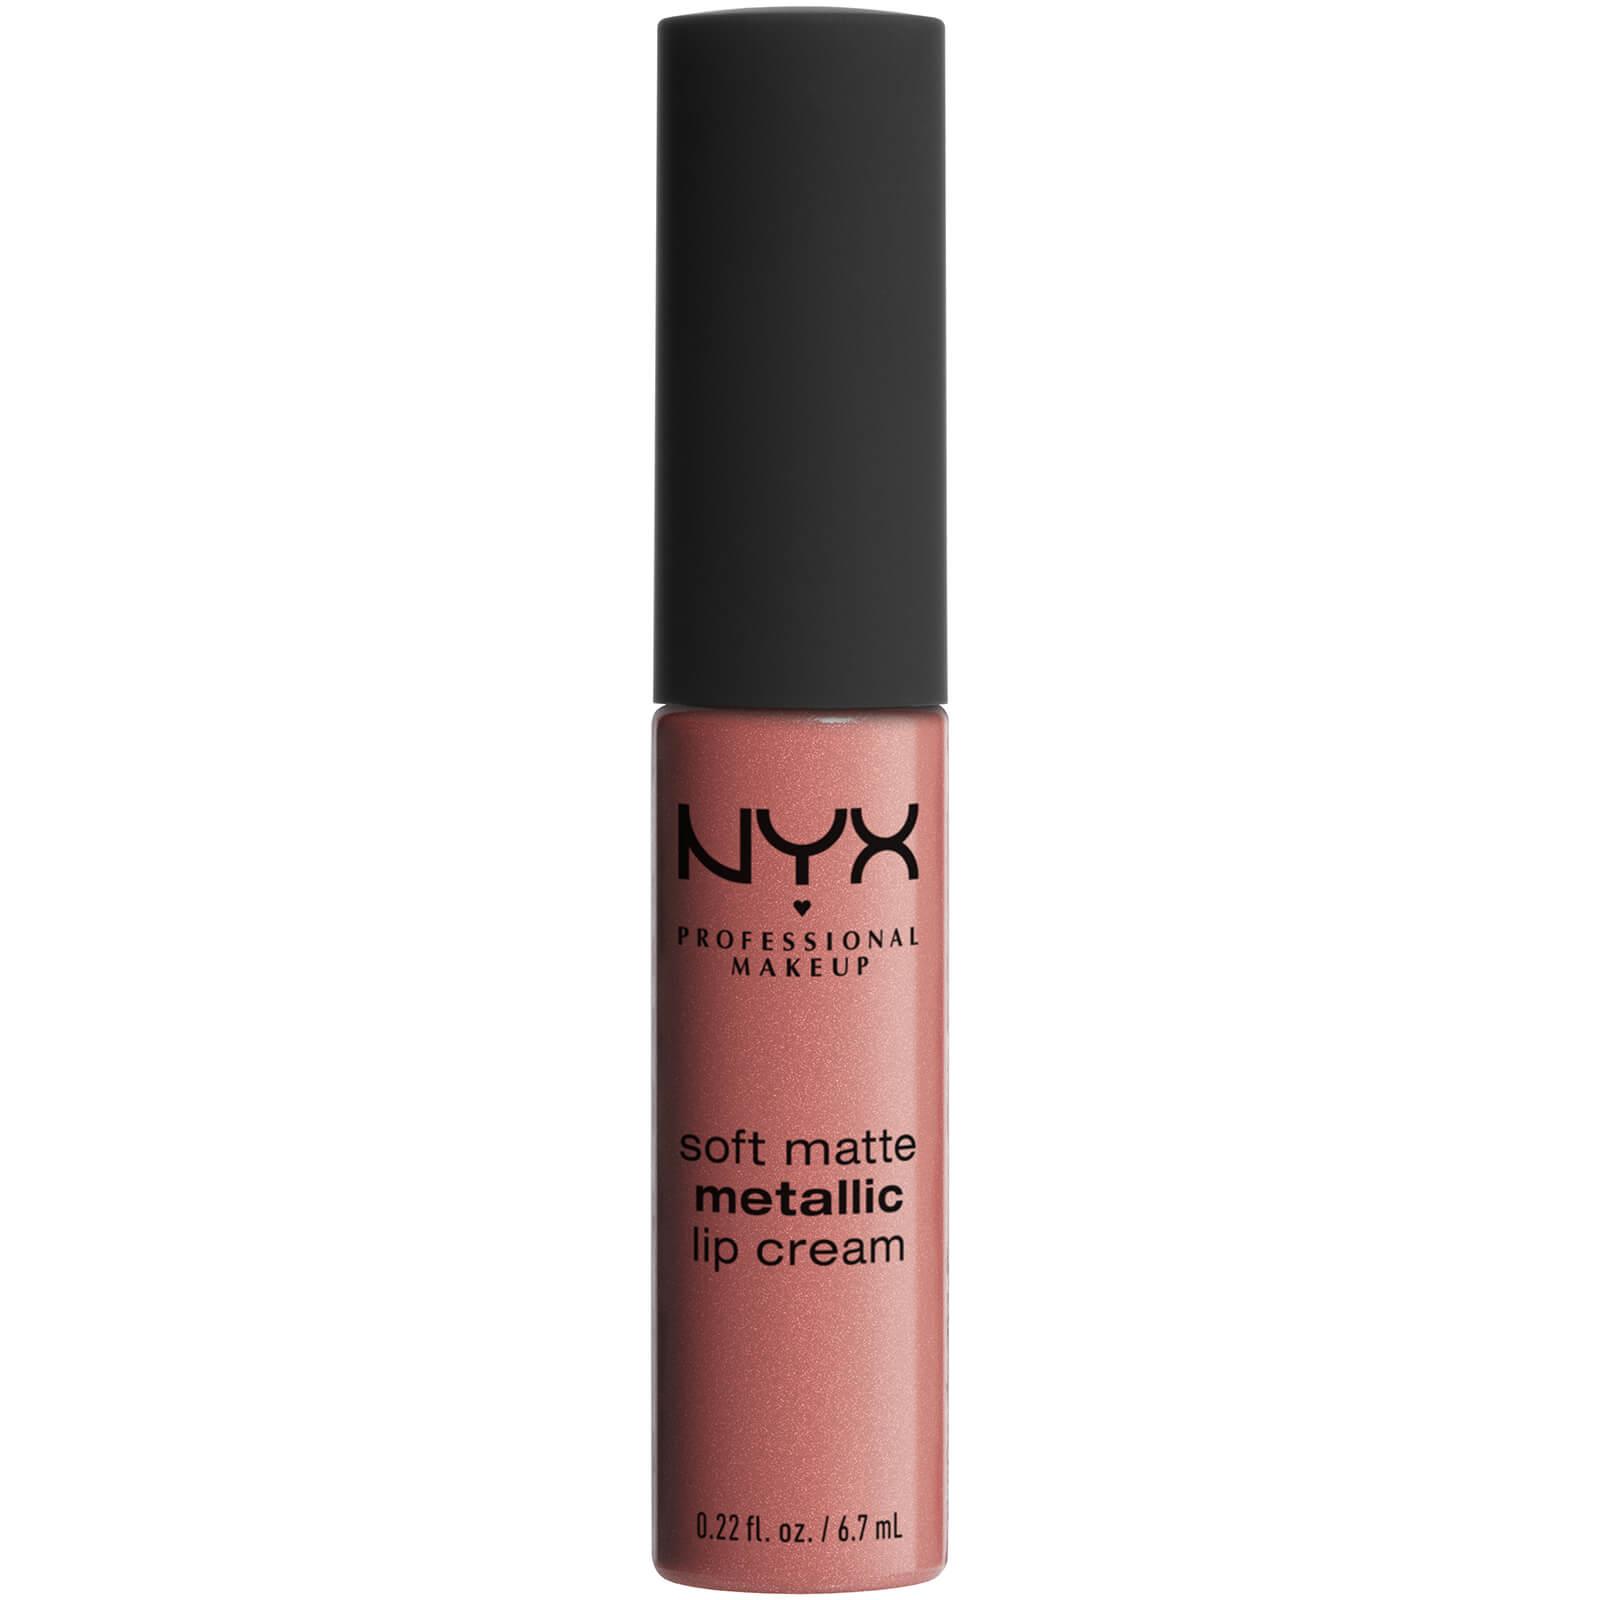 Купить Матовая жидкая помада-крем с металлическим финишем NYX Professional Makeup Soft Matte Metallic Lip Cream (различные оттенки) - Cannes